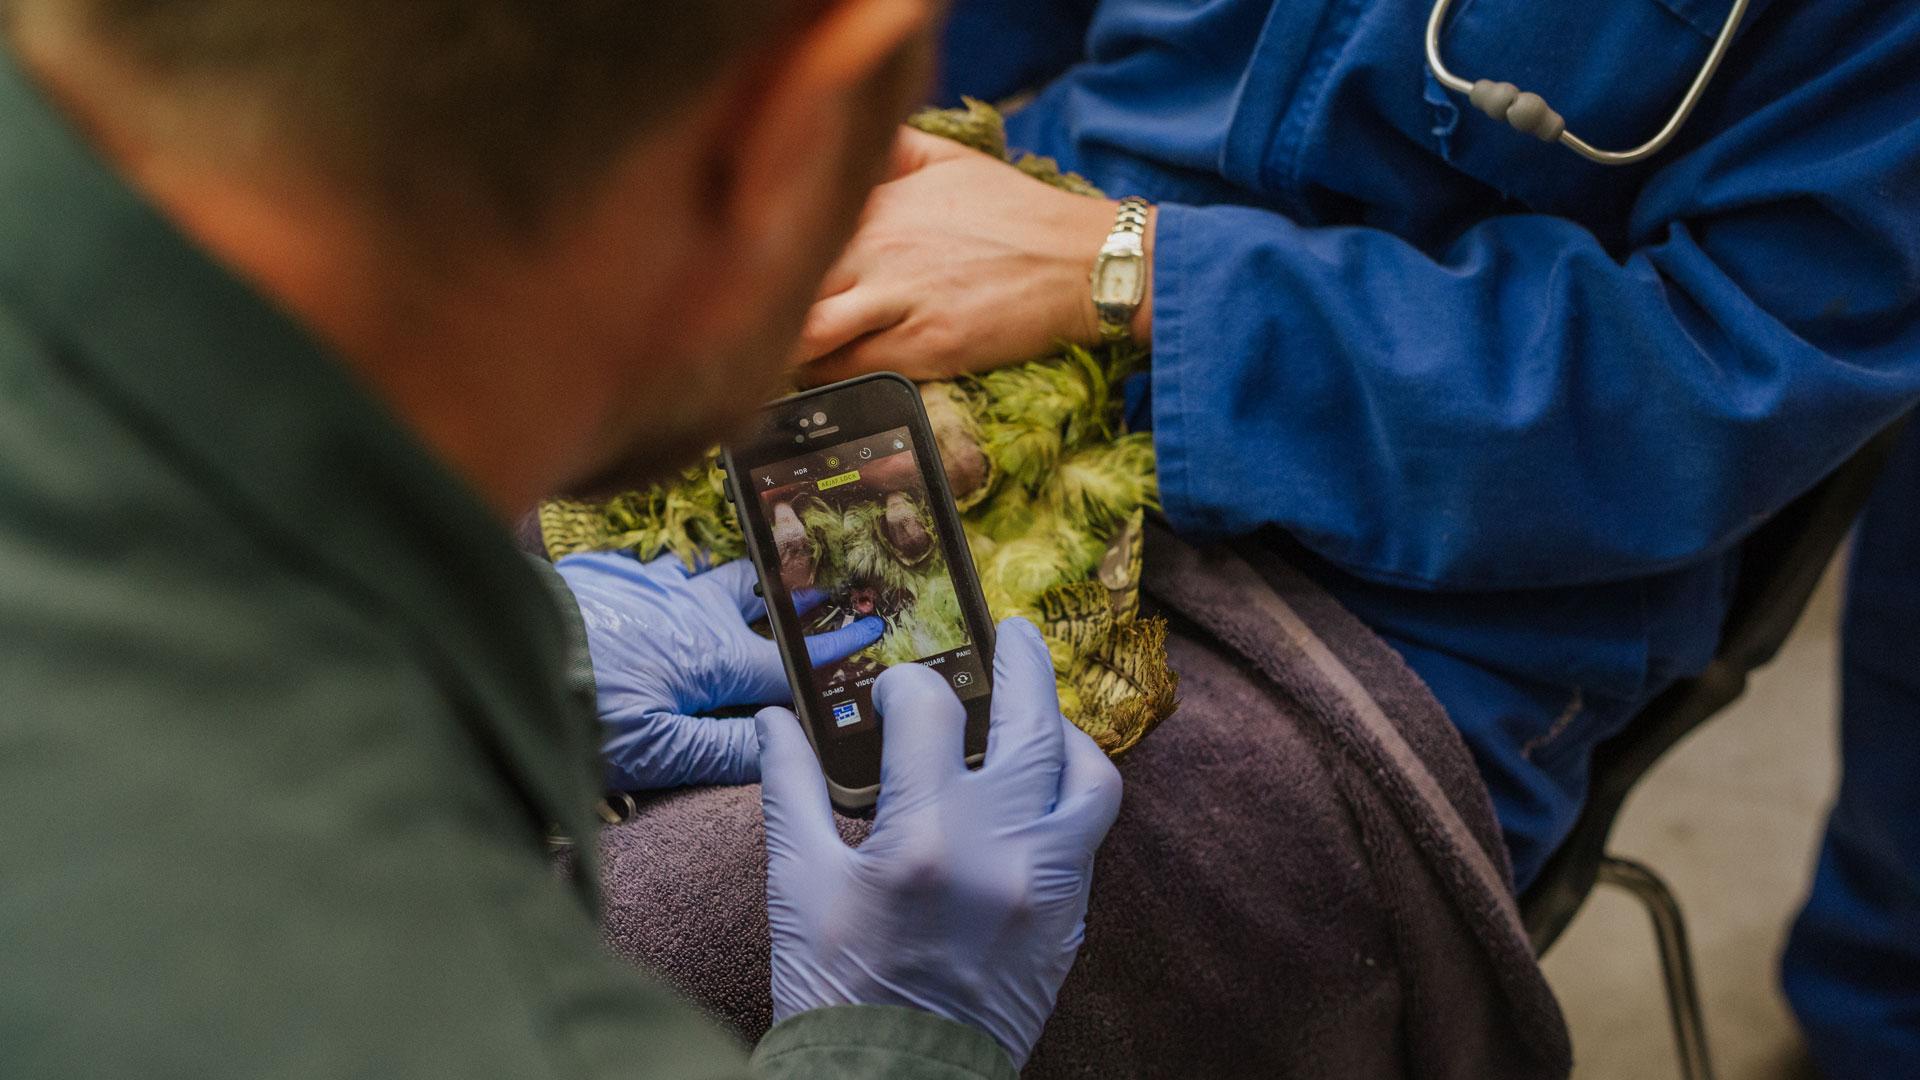 https://rfacdn.nz/zoo/assets/media/kakapo-vet-hospital-bravo-gallery-4.jpg